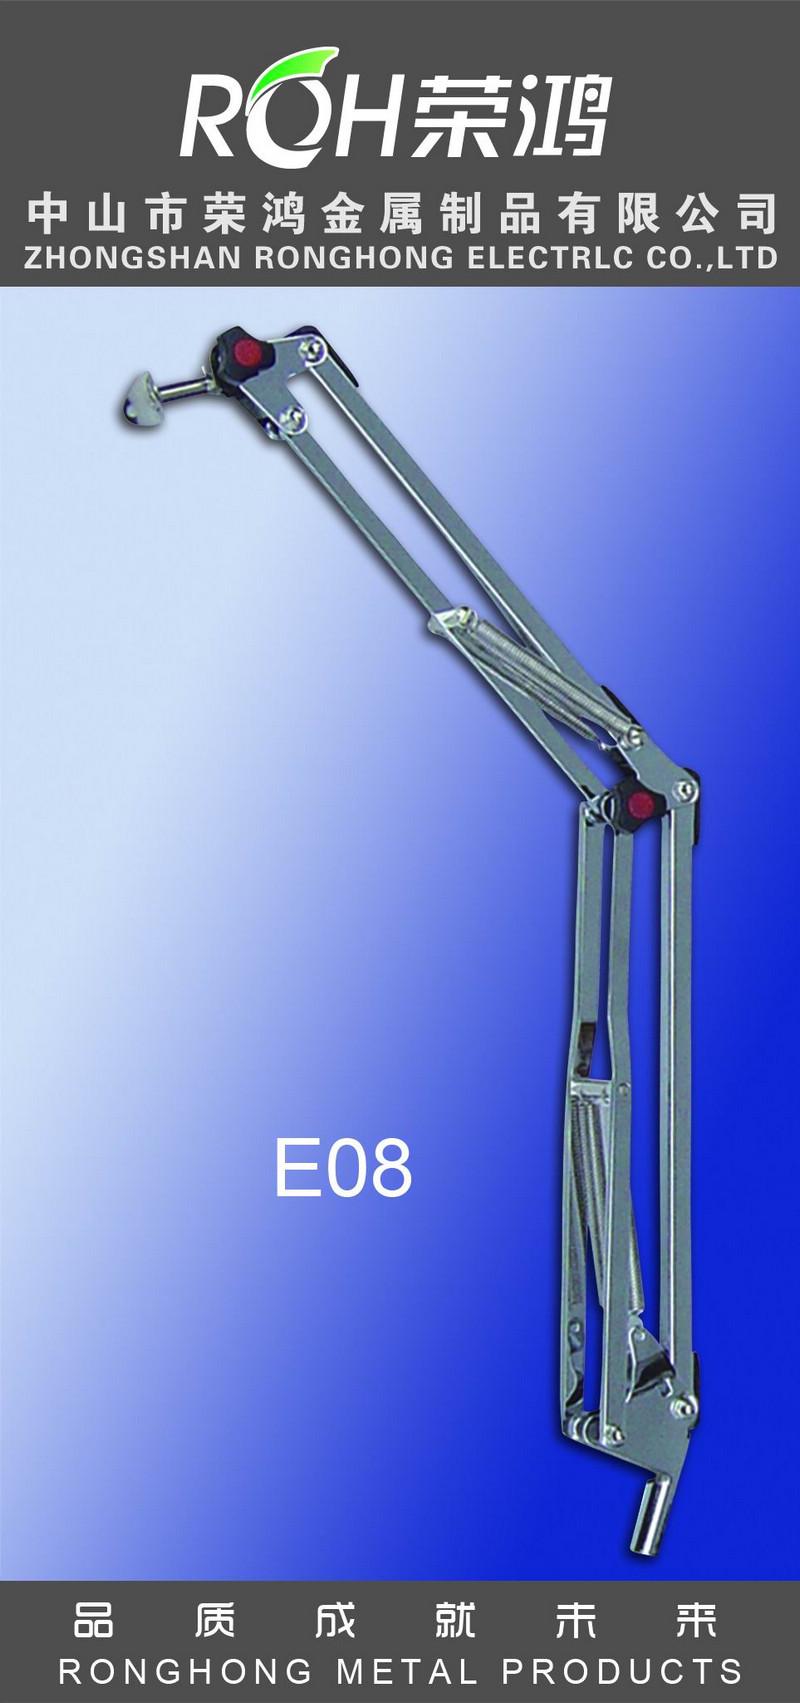 摇臂支架图片-型号为E08-主要表面处理有:各种电镀、喷涂,图为喷银色